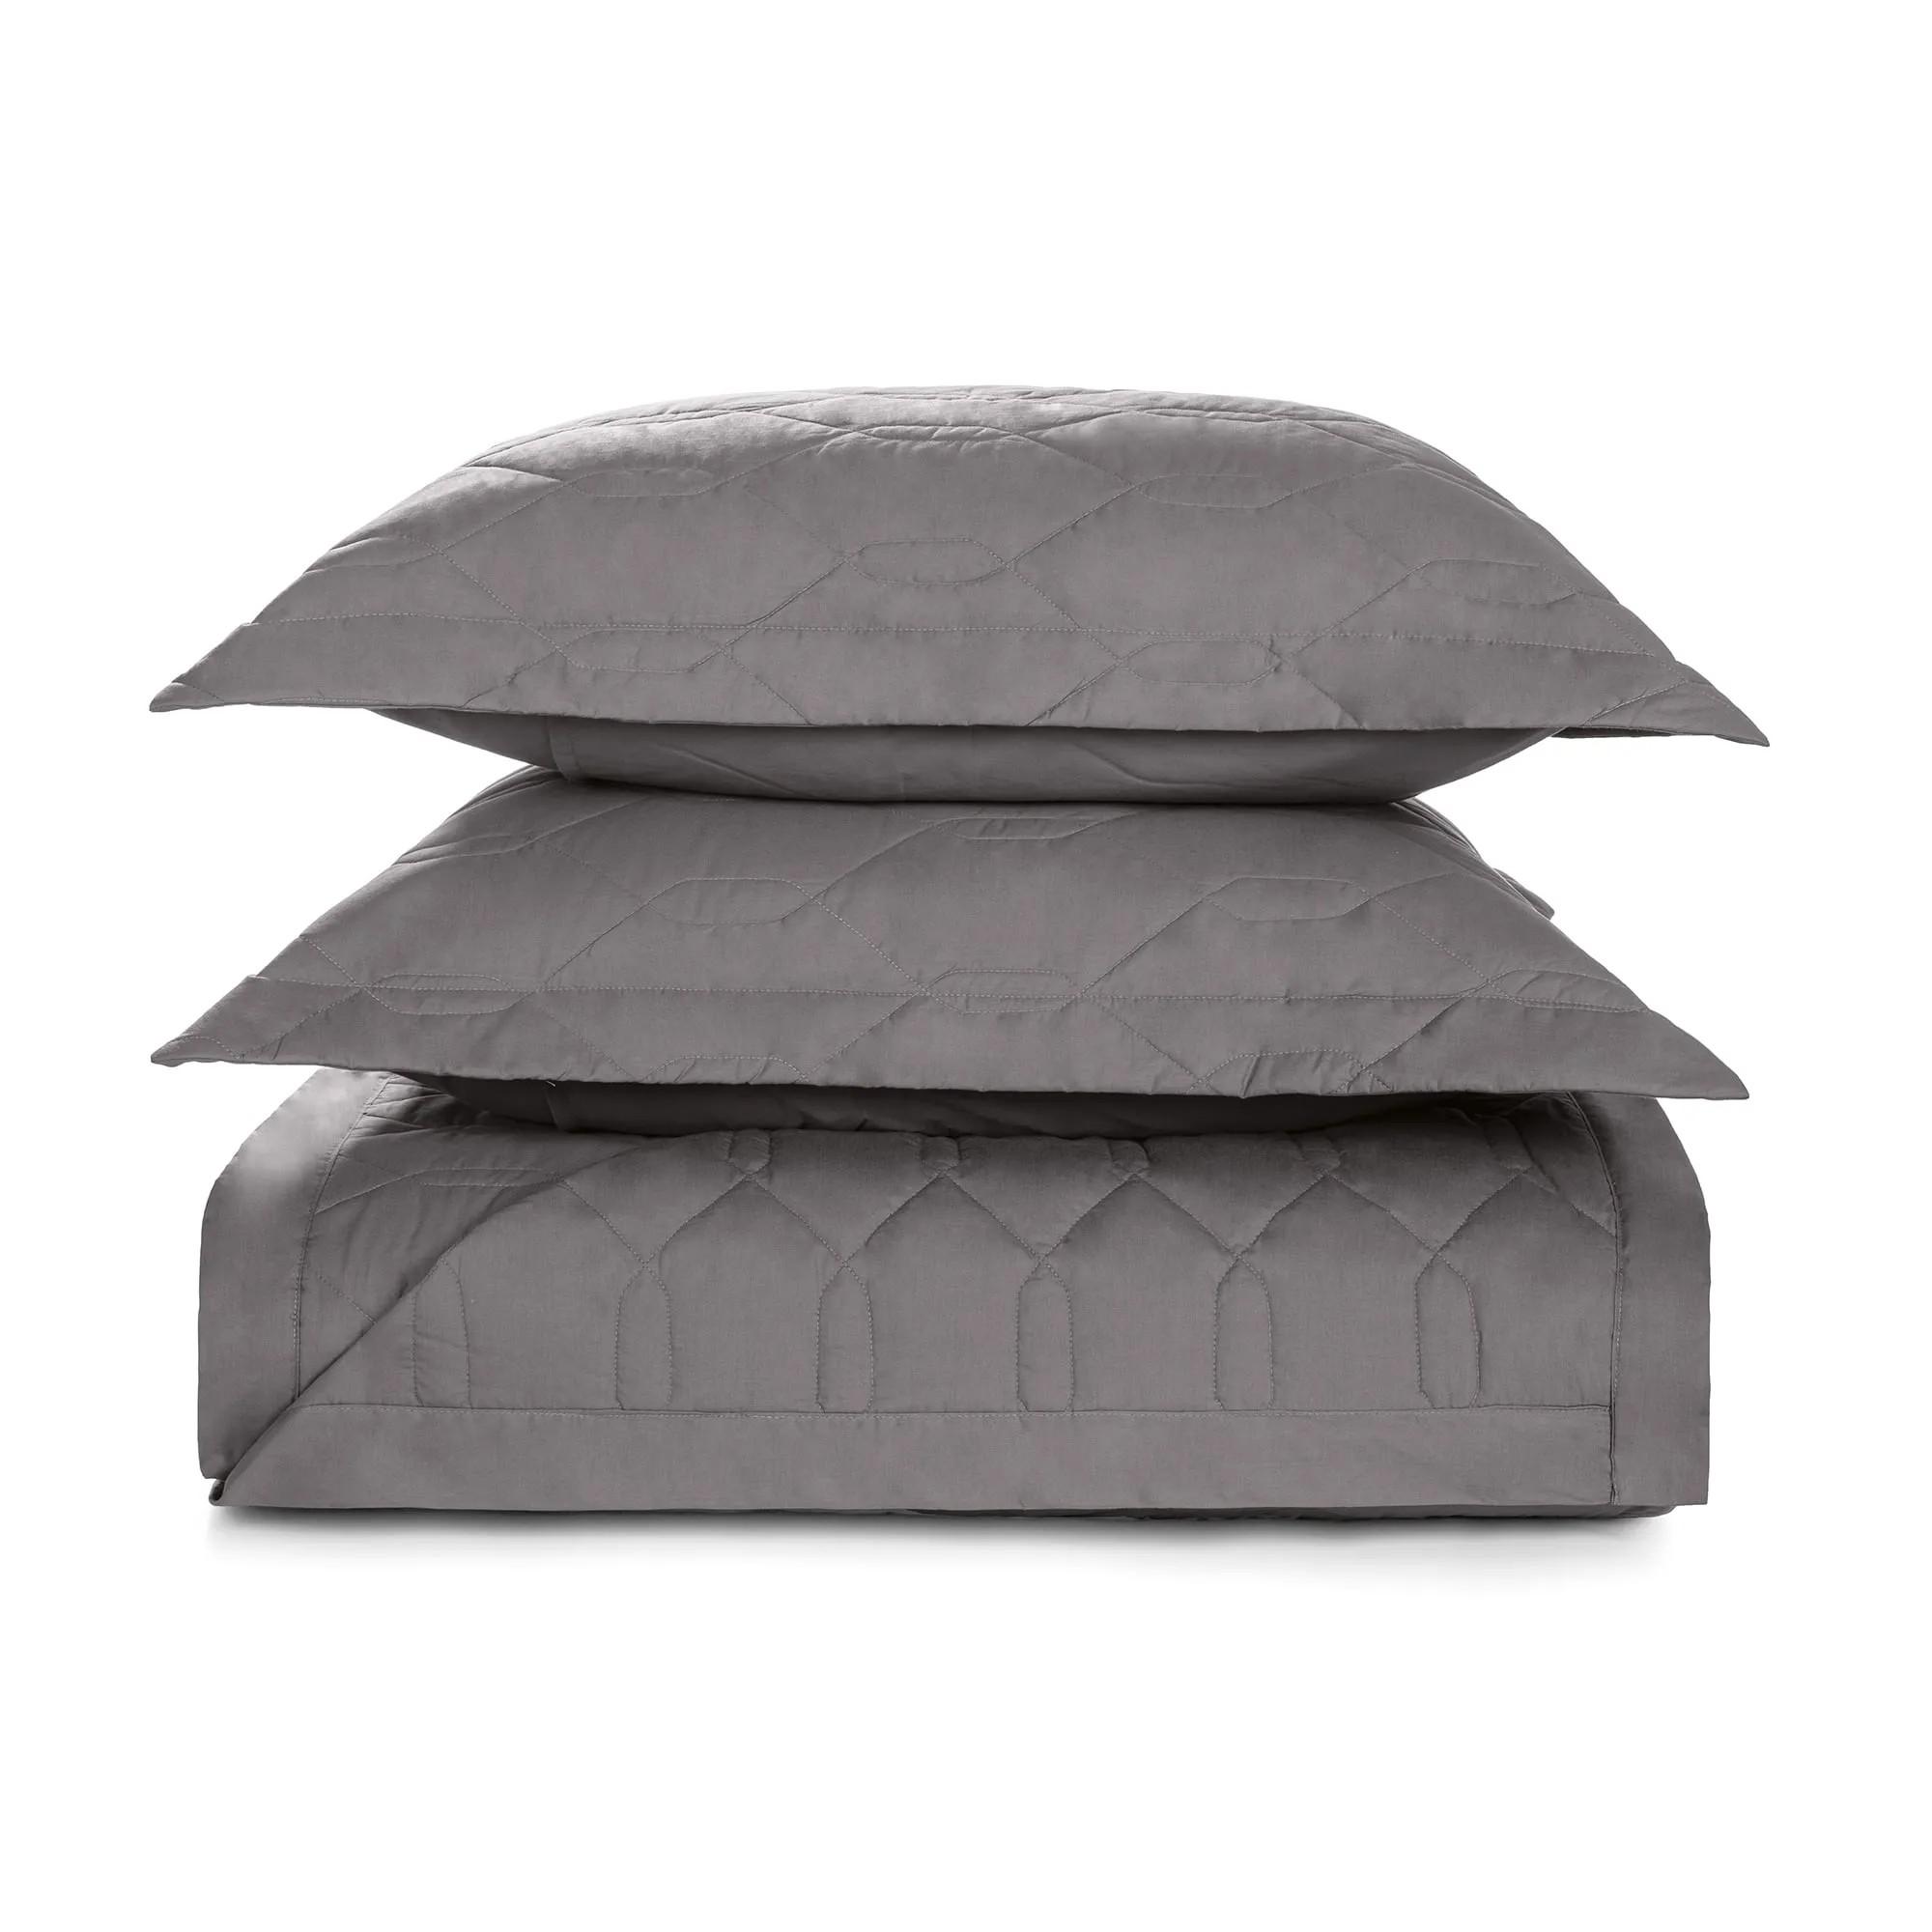 Cobre leito casal cinza grafite 100% algodão - Liss karsten